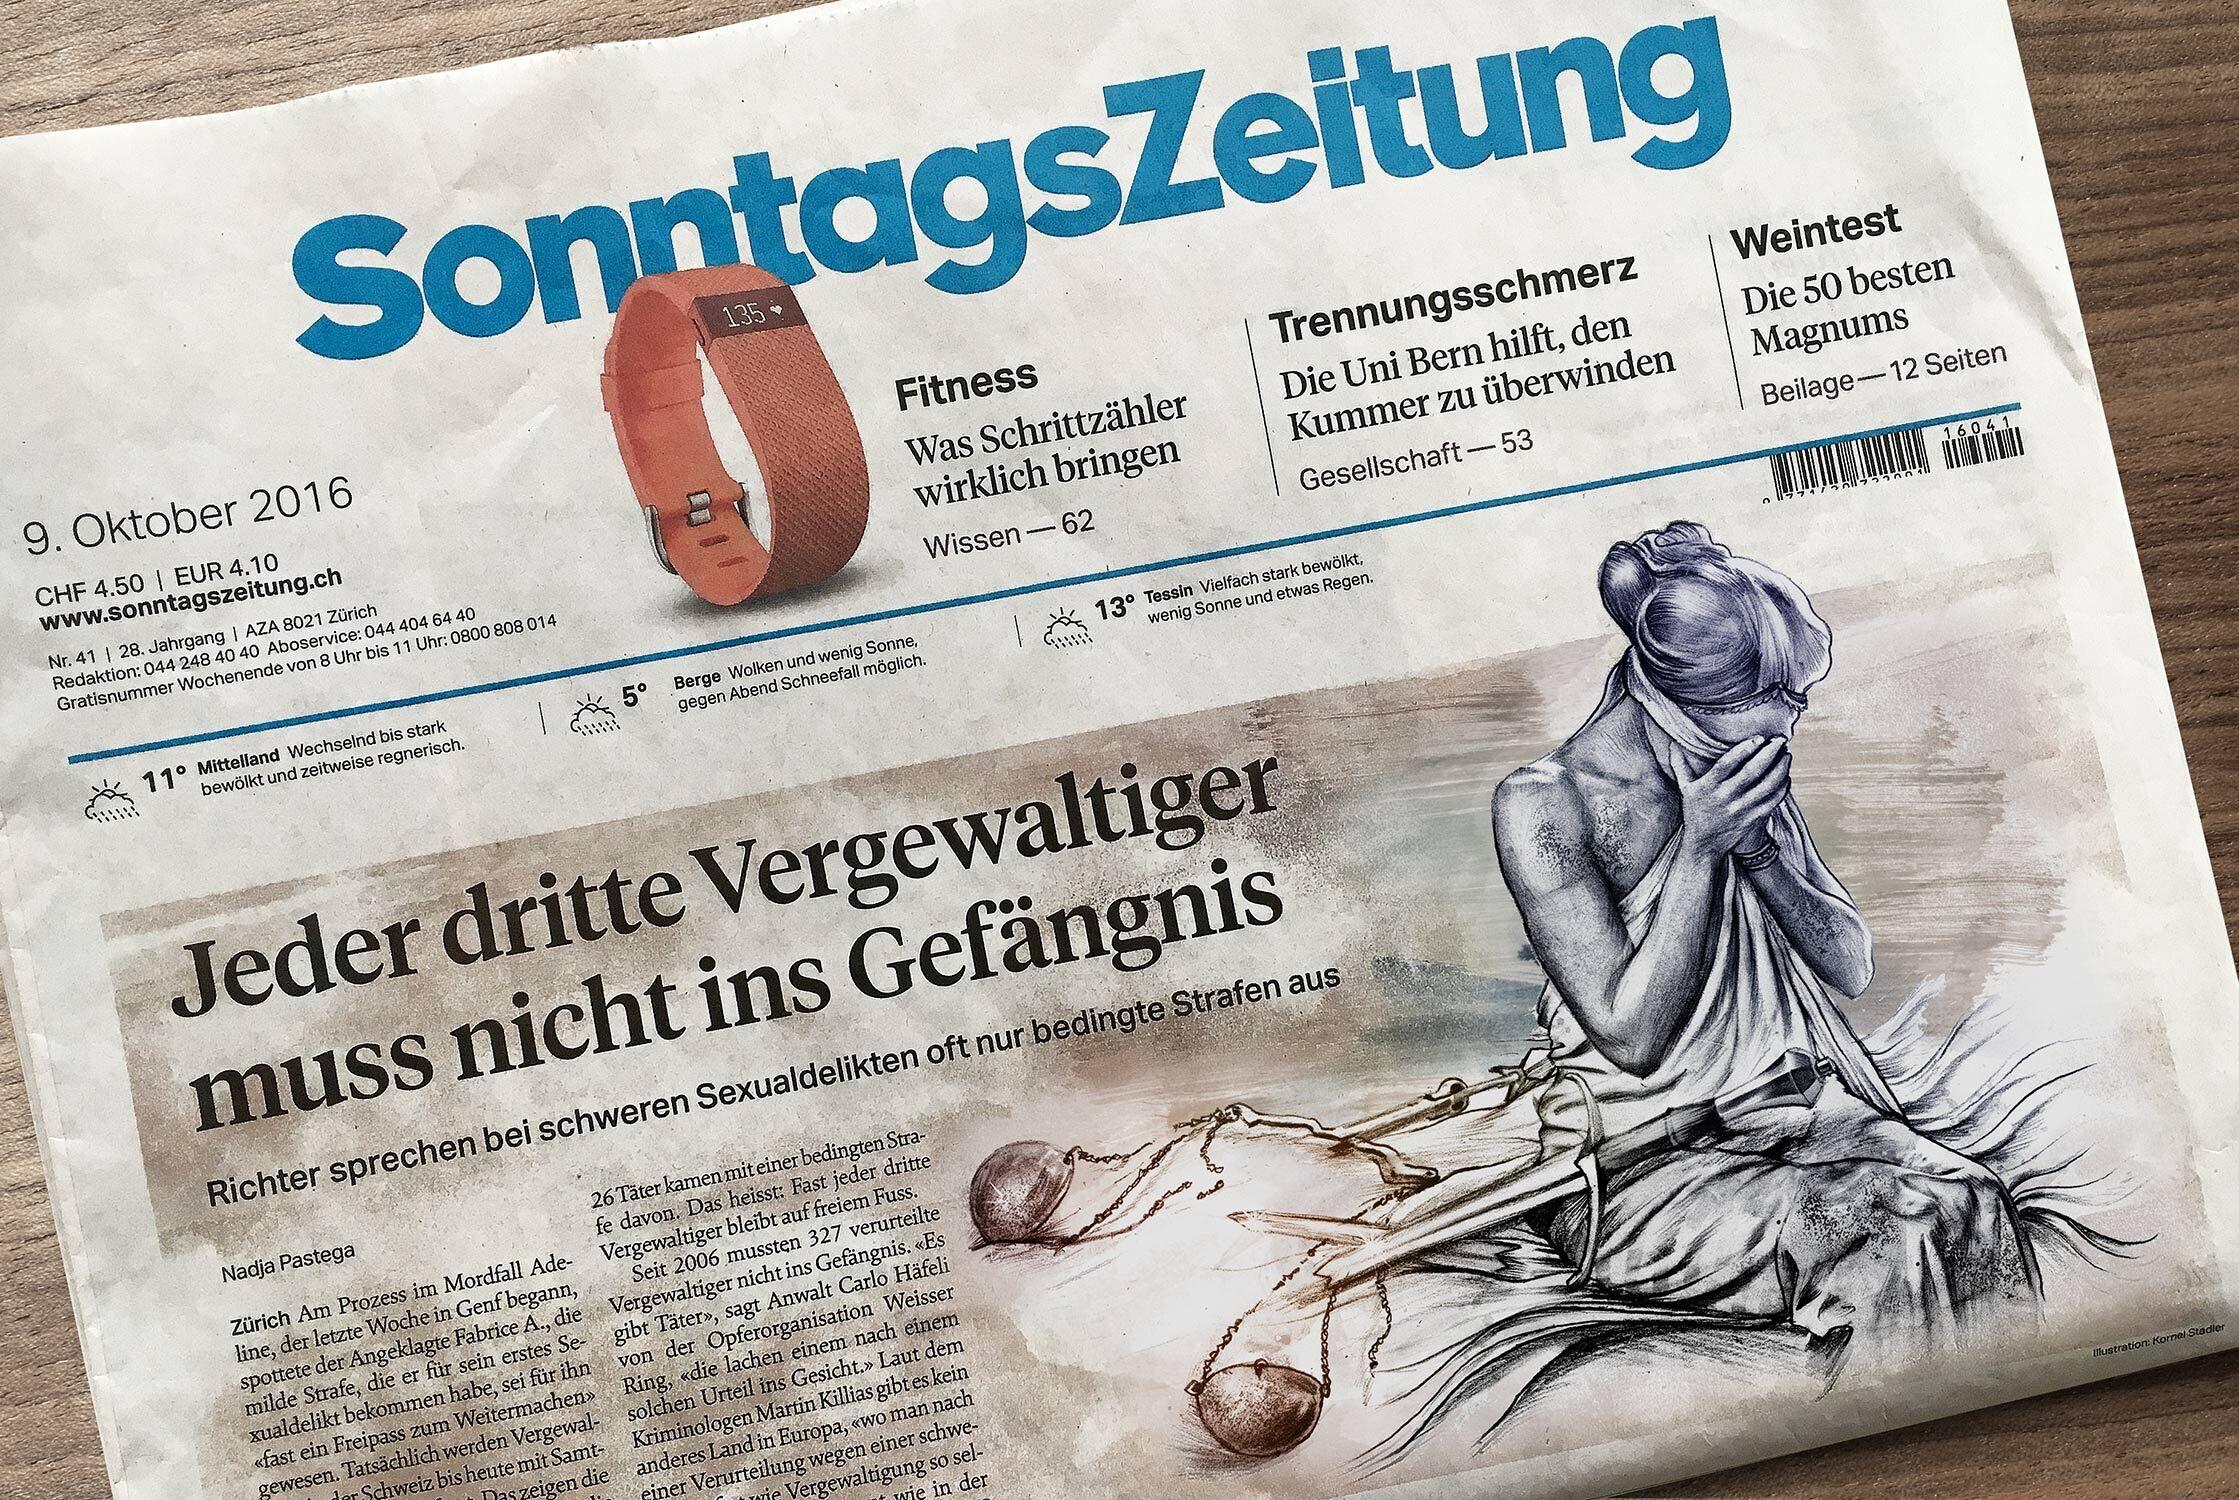 Justitia versagt cover illustration - Kornel Illustration | Kornel Stadler portfolio